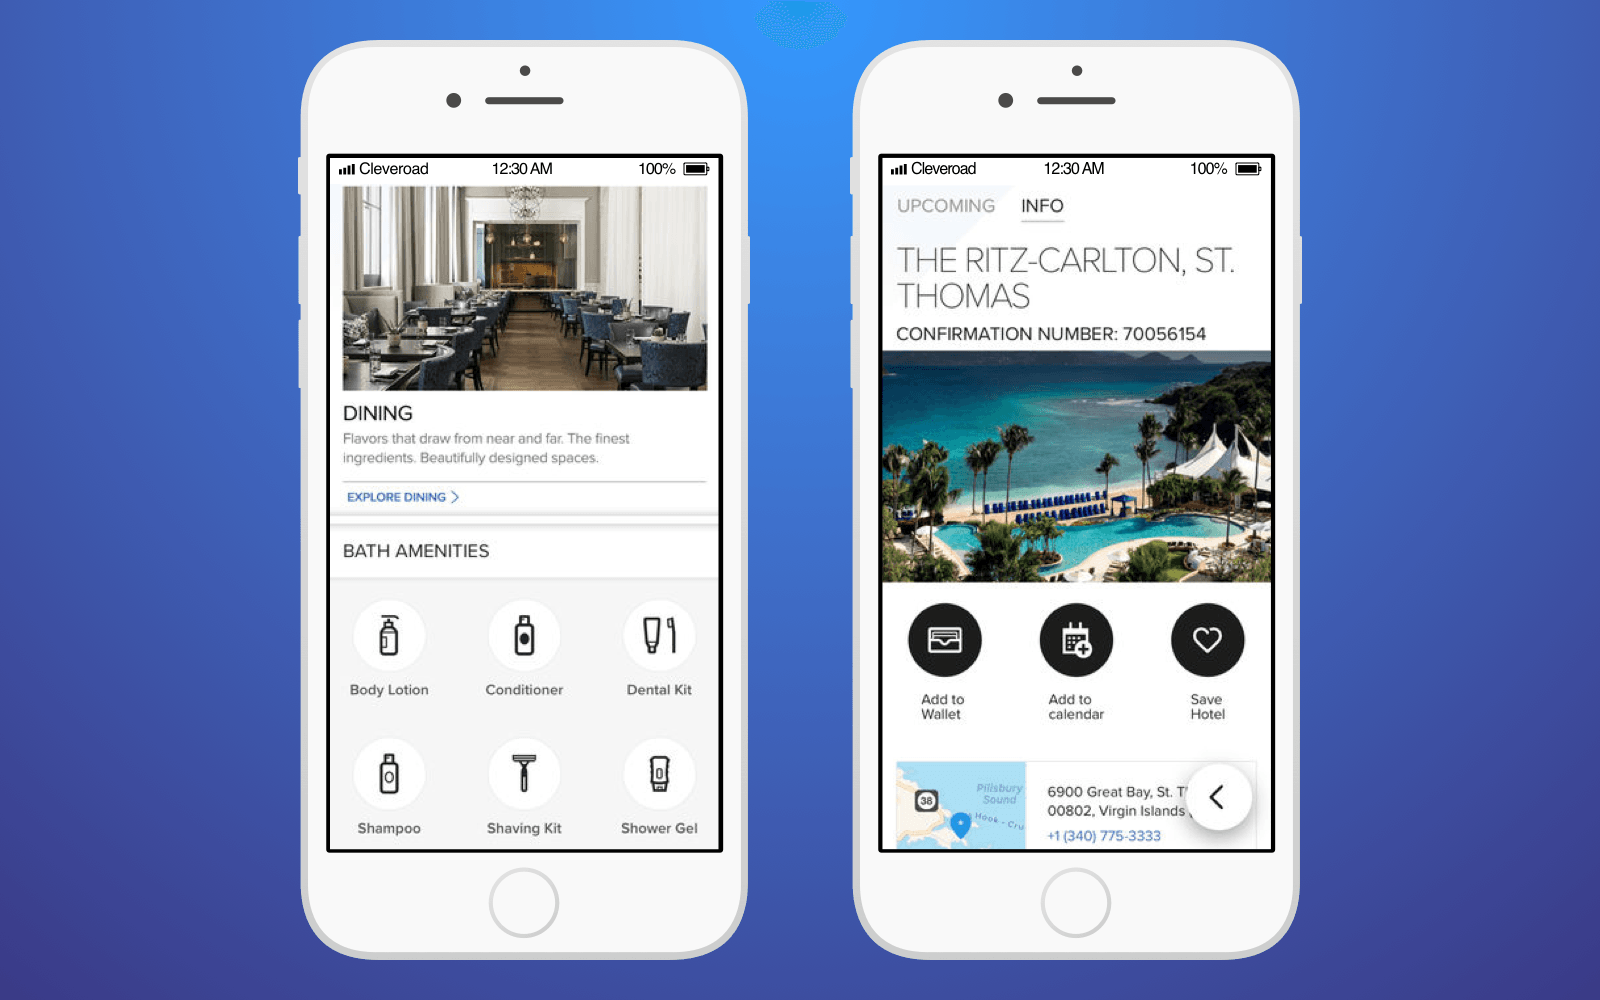 Hotel innovation: Ritz-Carlton Hotels app